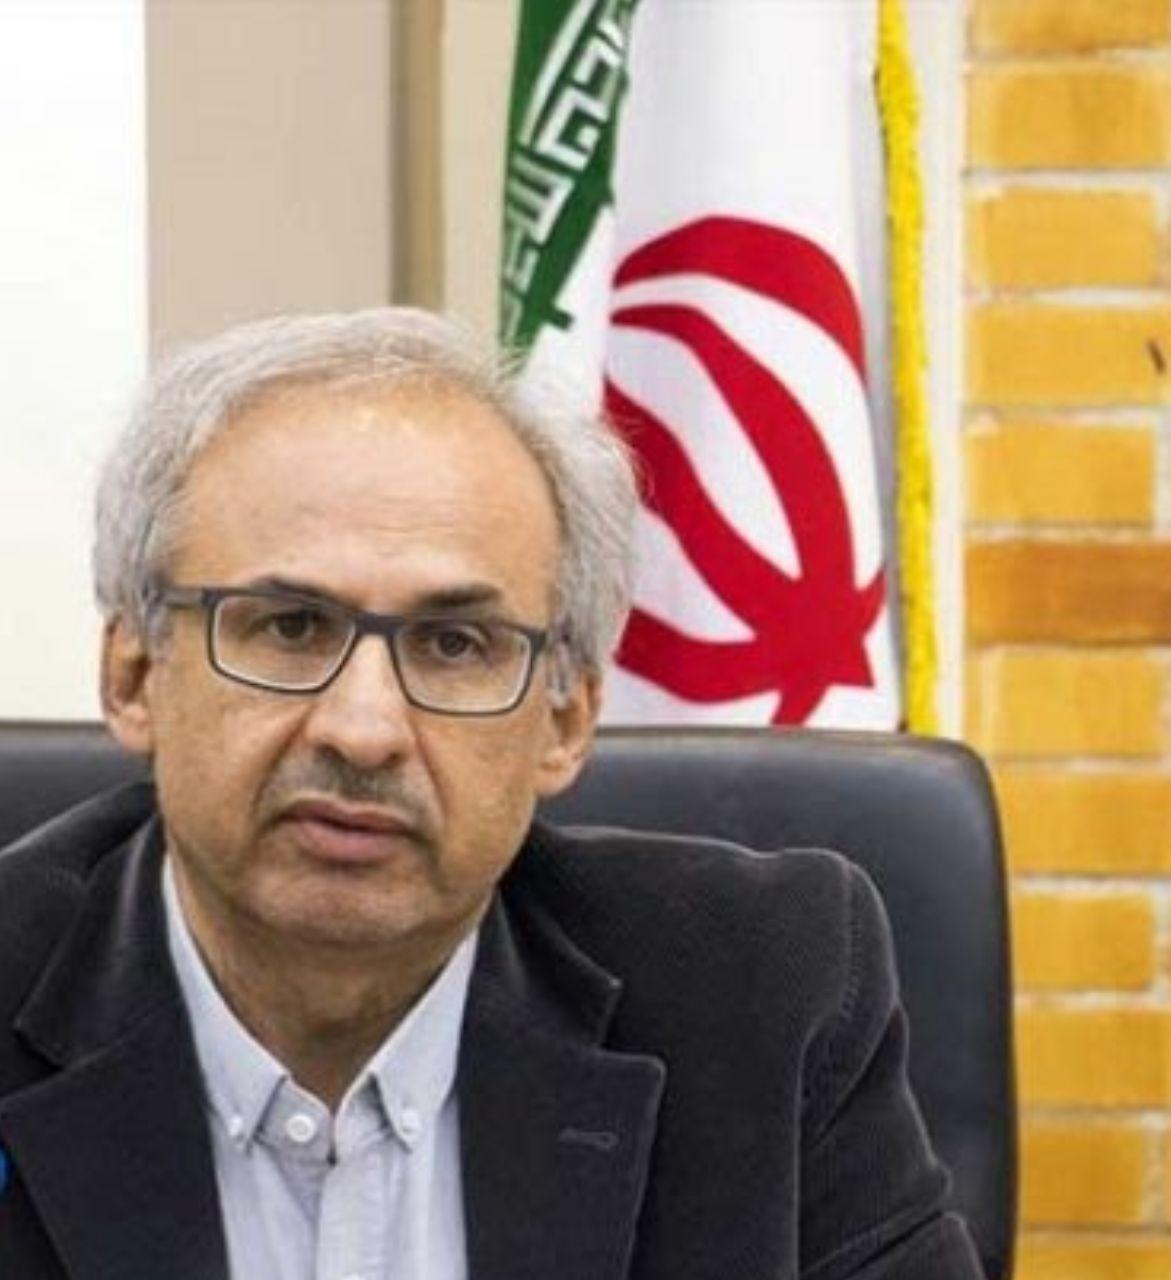 بیش از ۲۰۰۰ شعبه اخذ رای در استان کرمان پیش بینی شده است